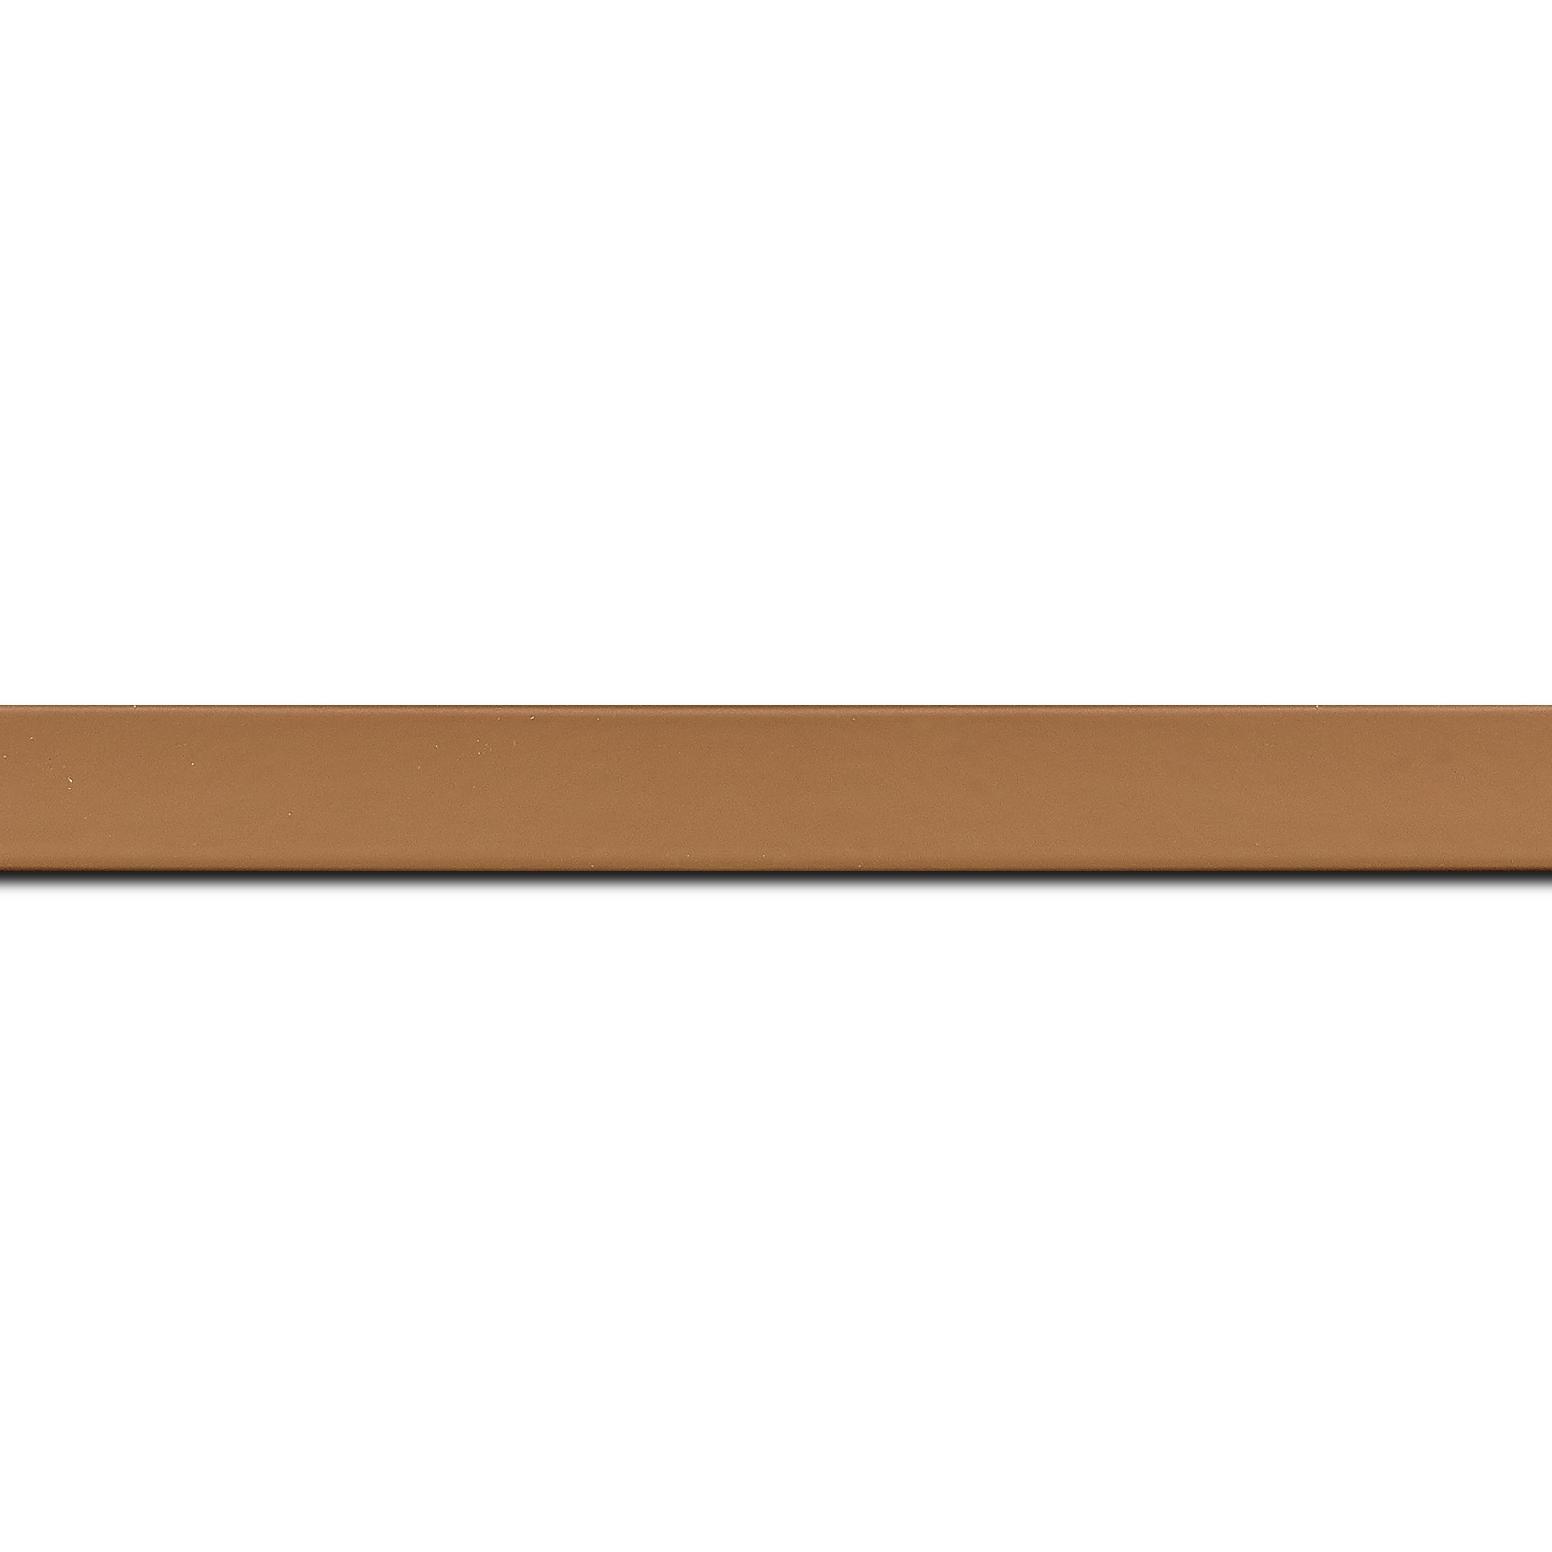 Baguette longueur 1.40m bois profil plat effet cube largeur 1.7cm couleur moka satiné